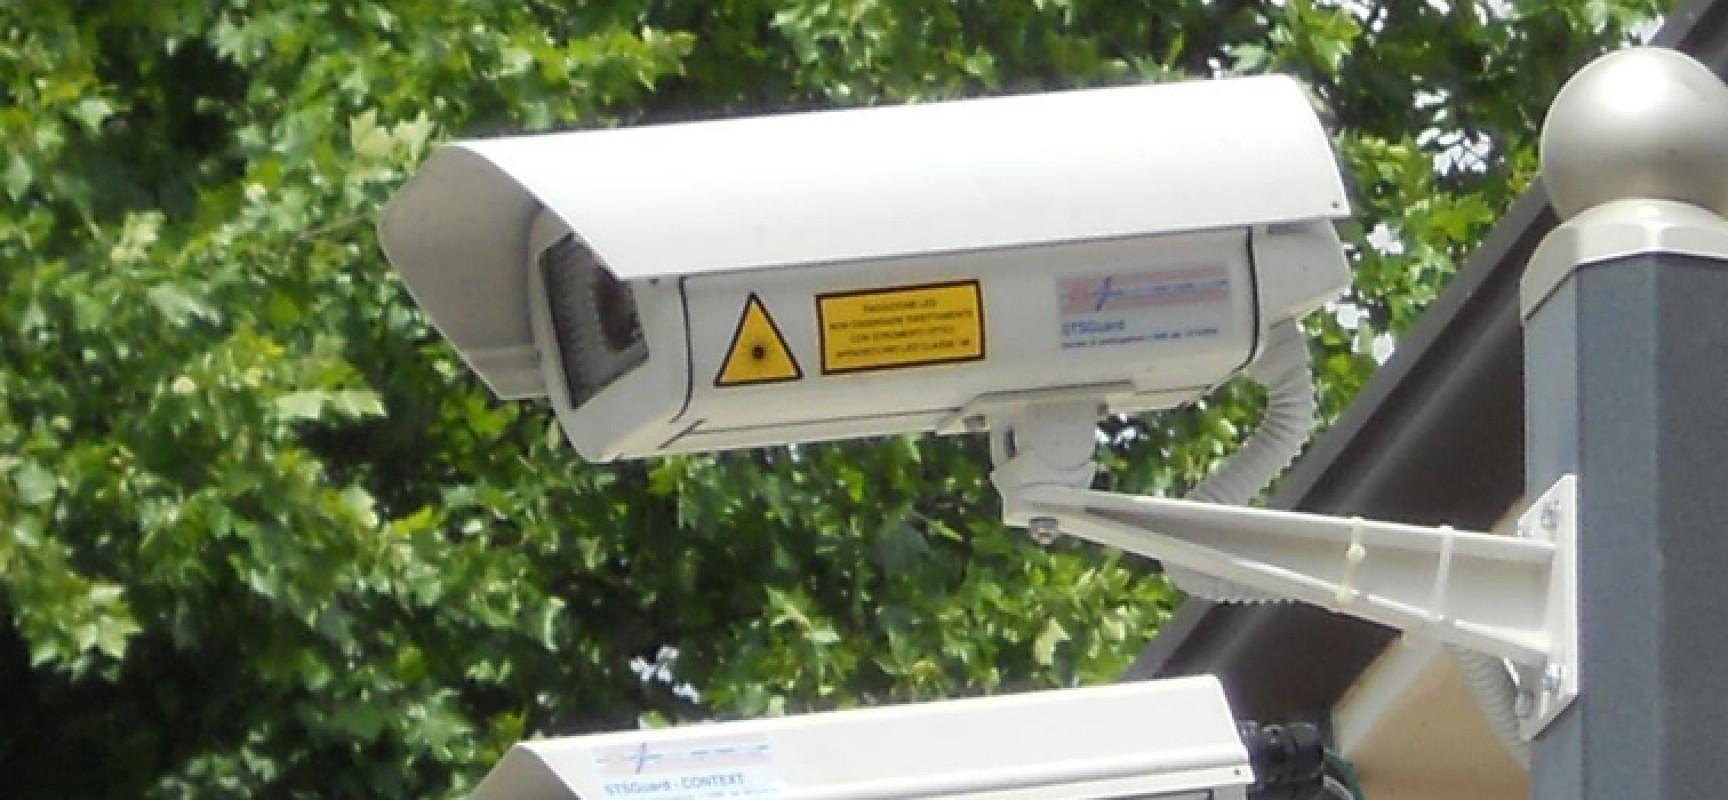 Videosorveglianza cittadina, aggiudicato appalto per ammodernamento e manutenzione